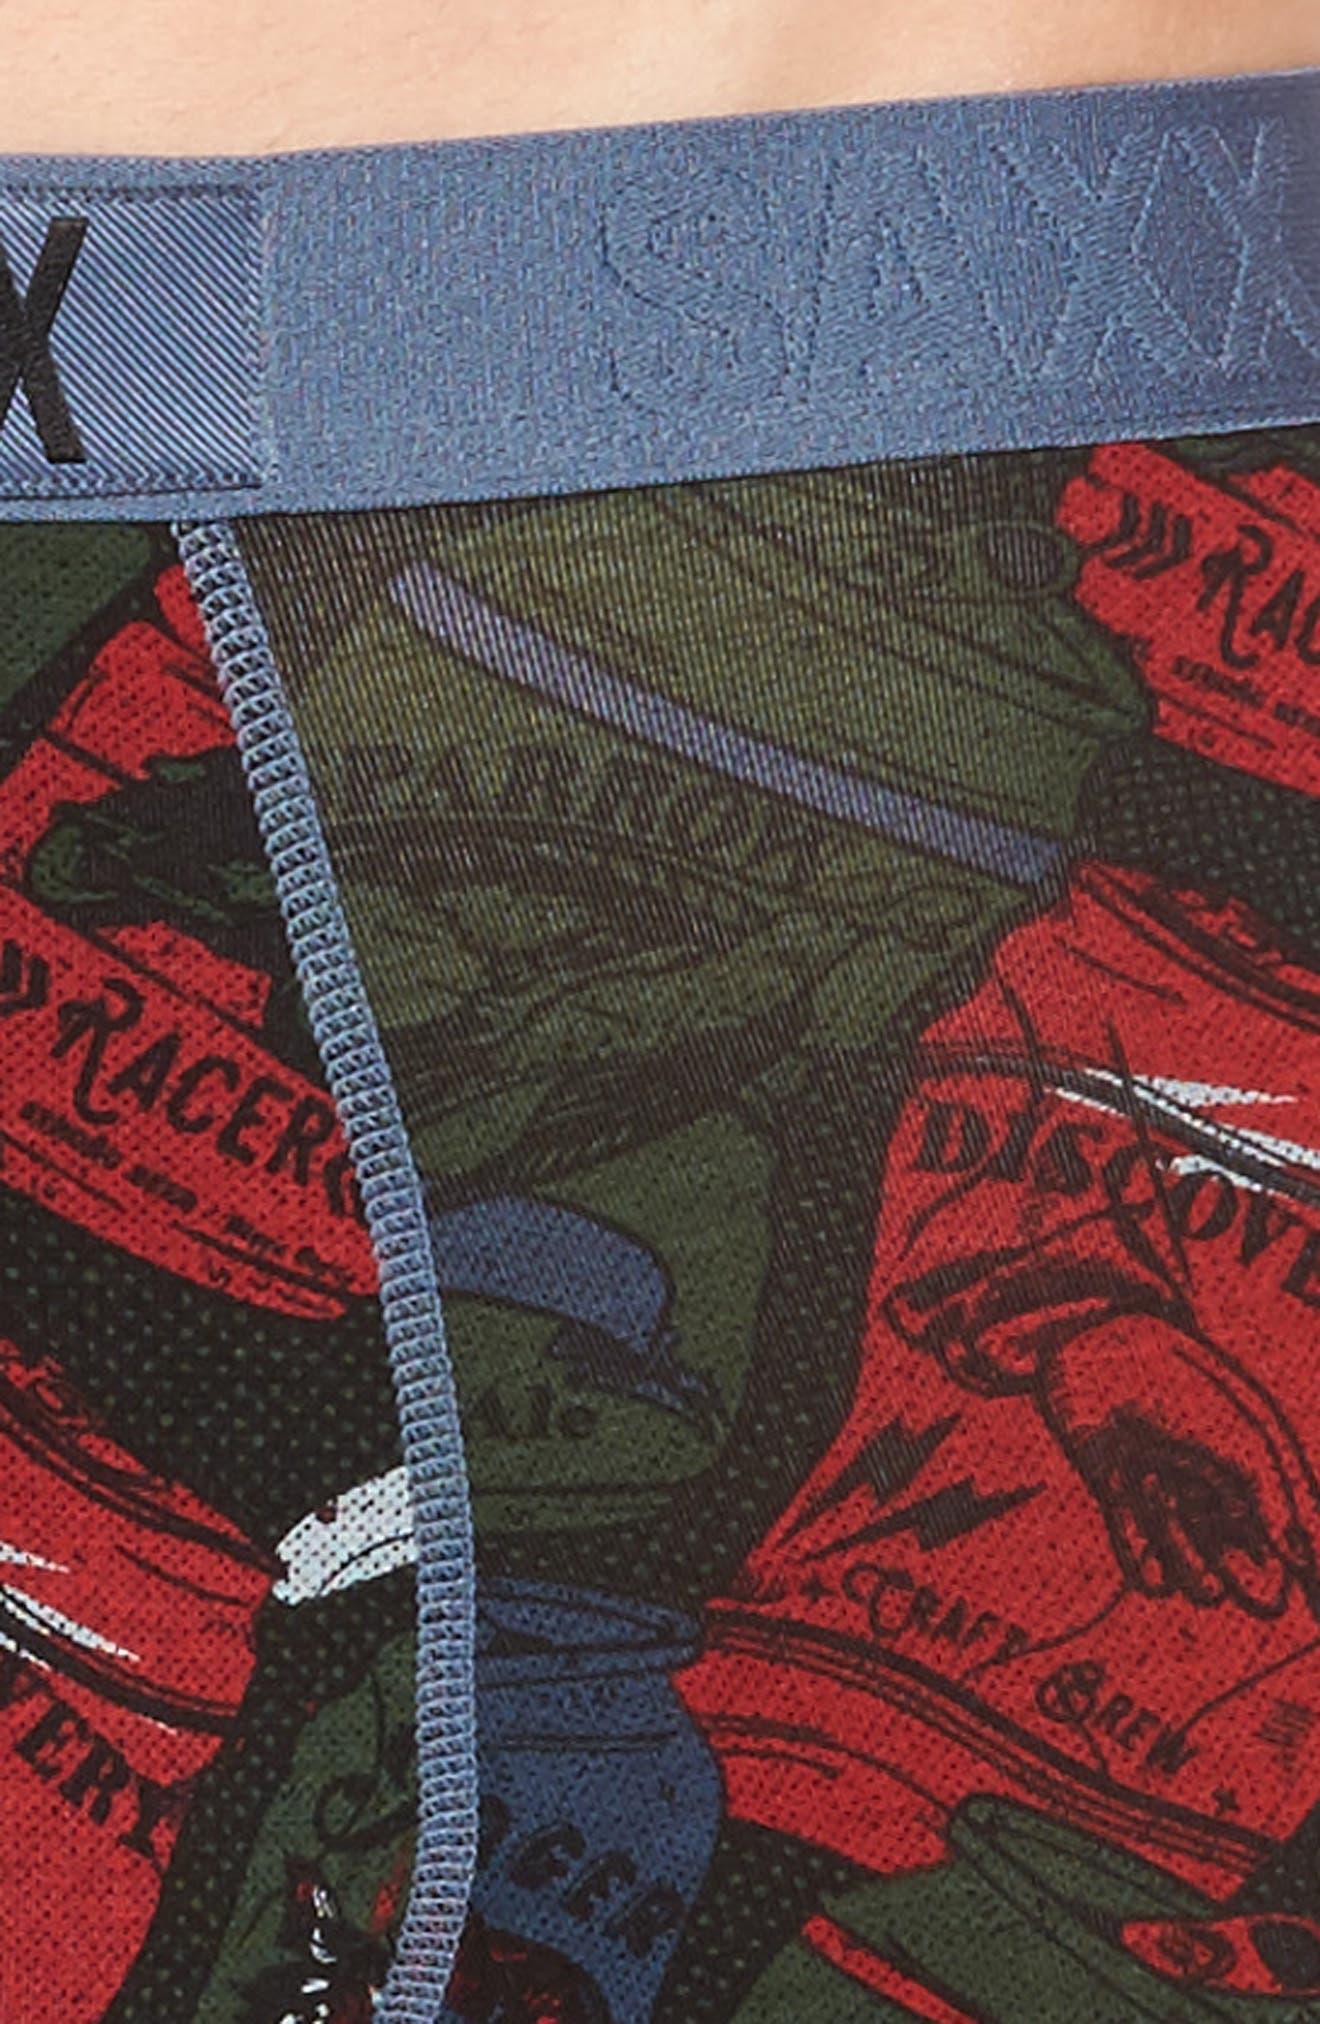 Vibe Boxer Briefs,                             Alternate thumbnail 4, color,                             308